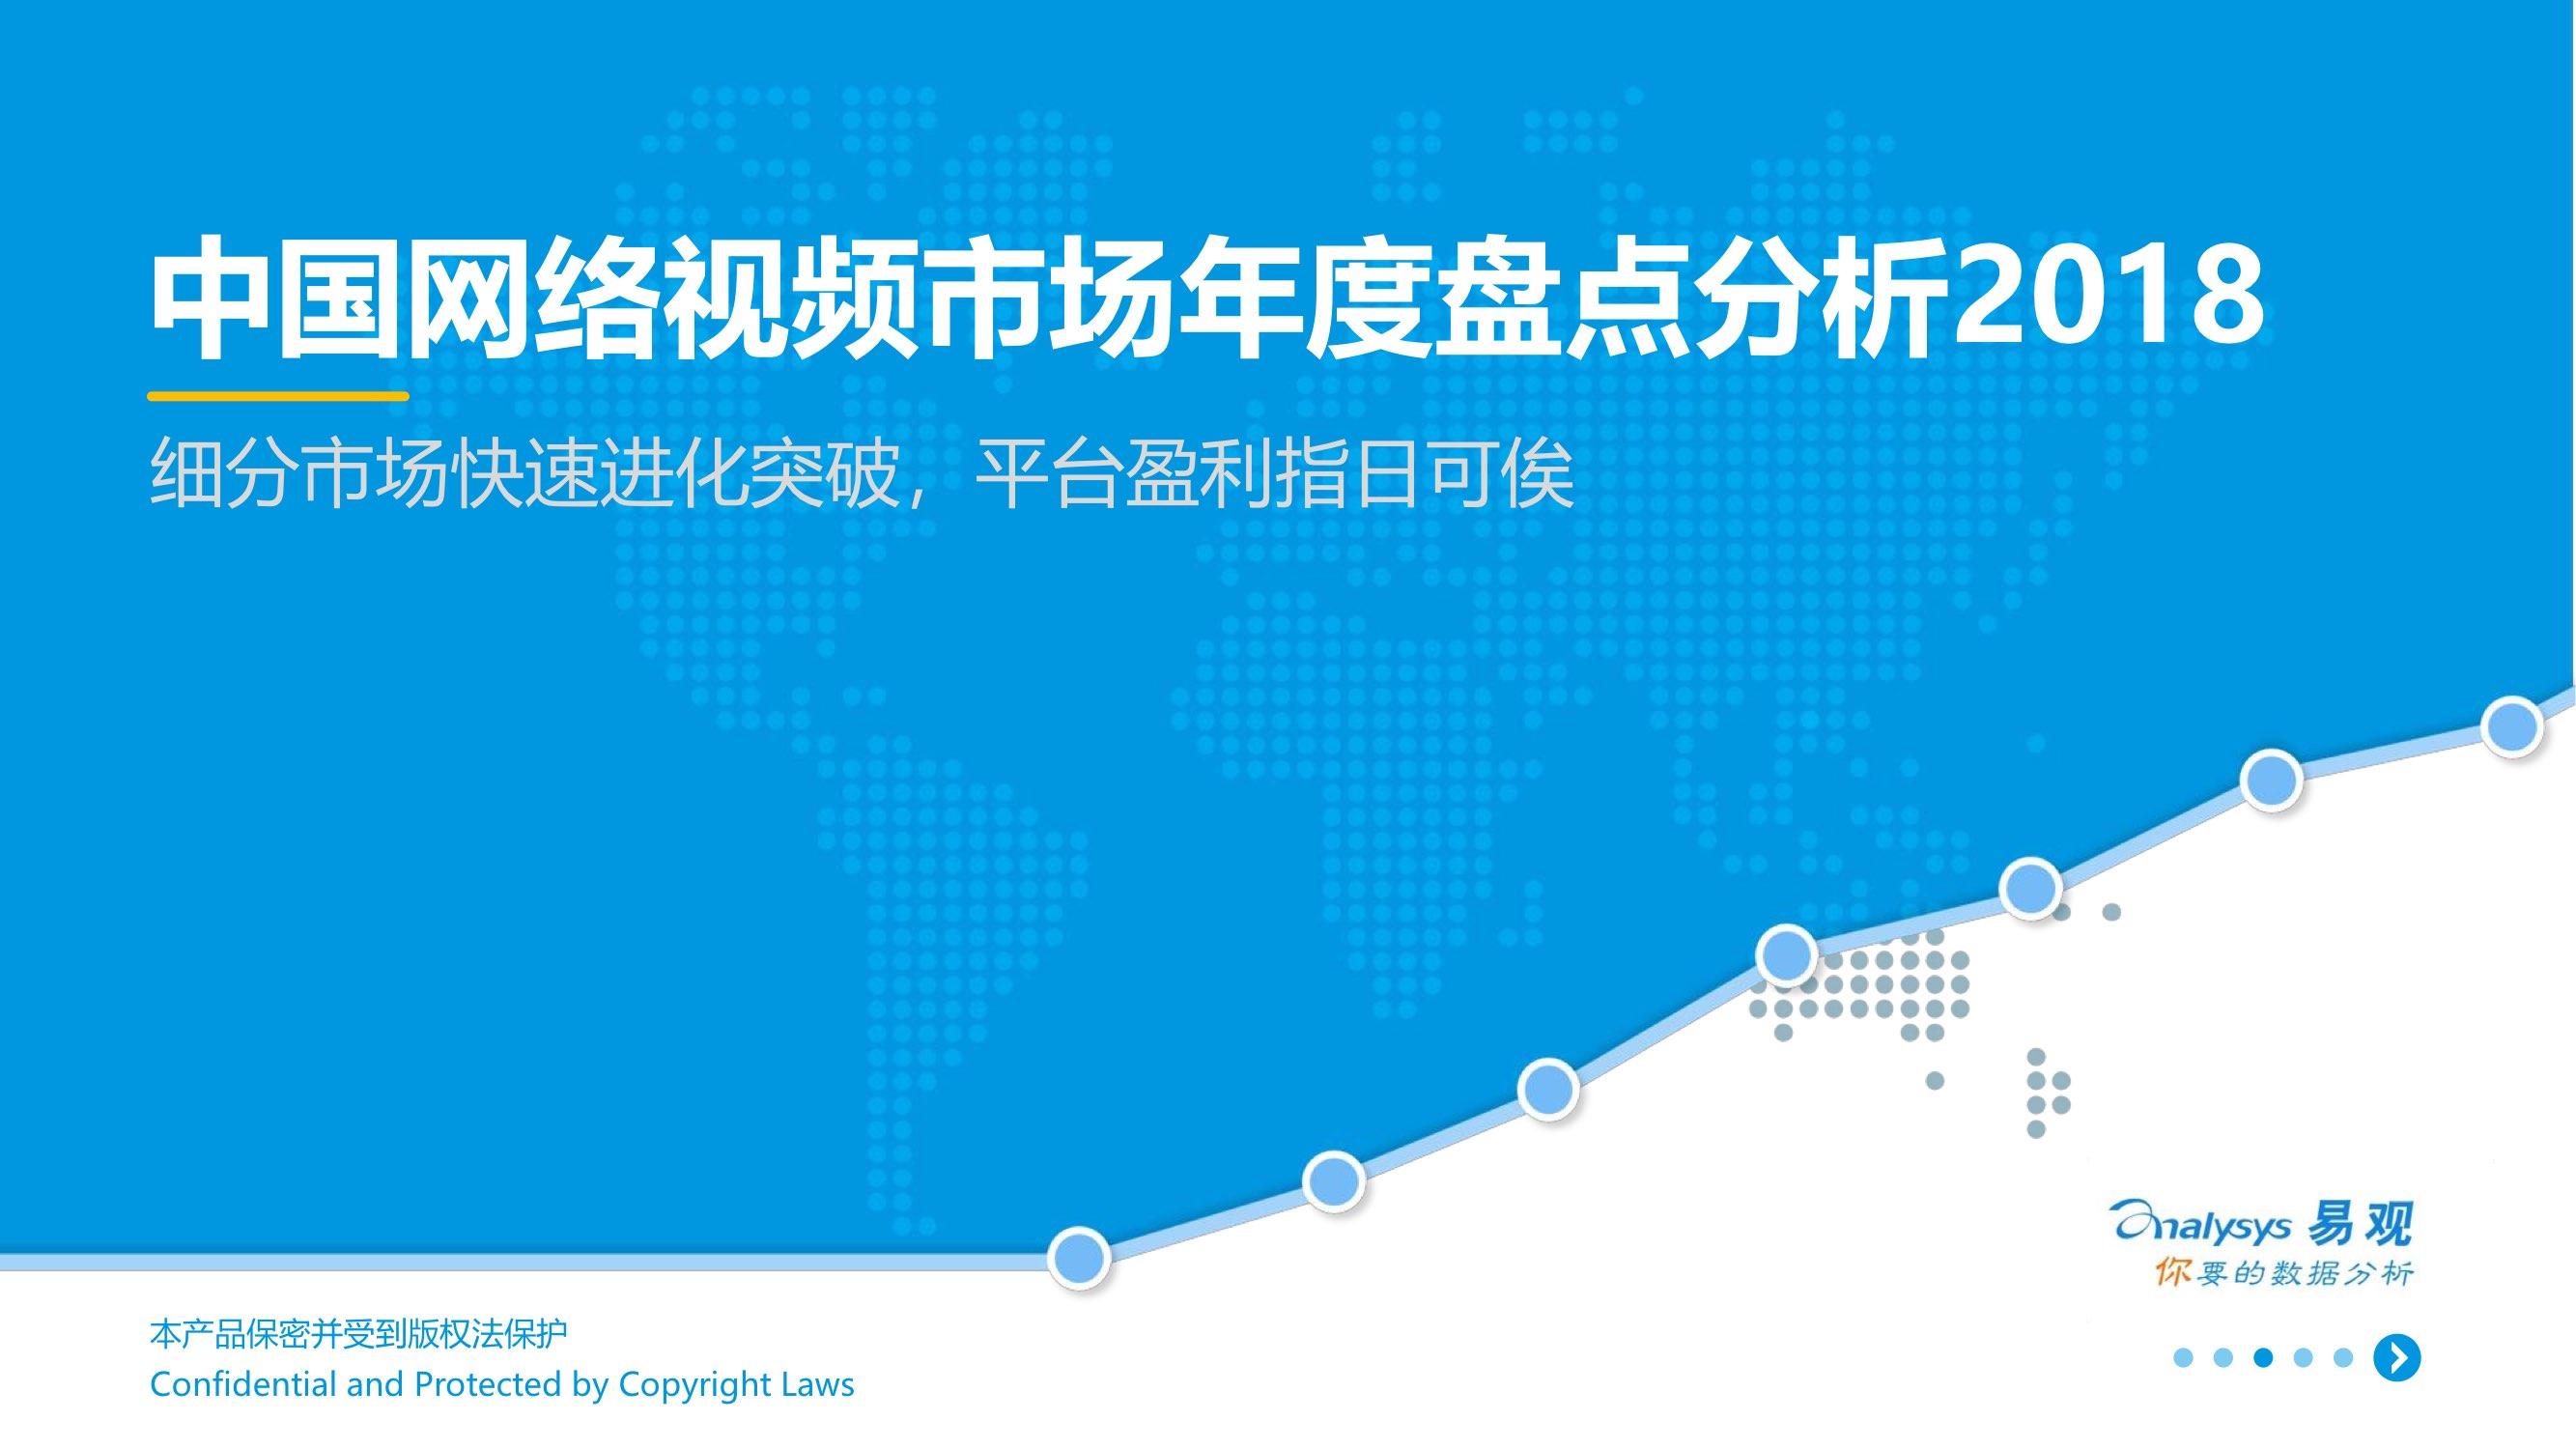 易观:2018年中国网络视频市场年度盘点分析(附下载)